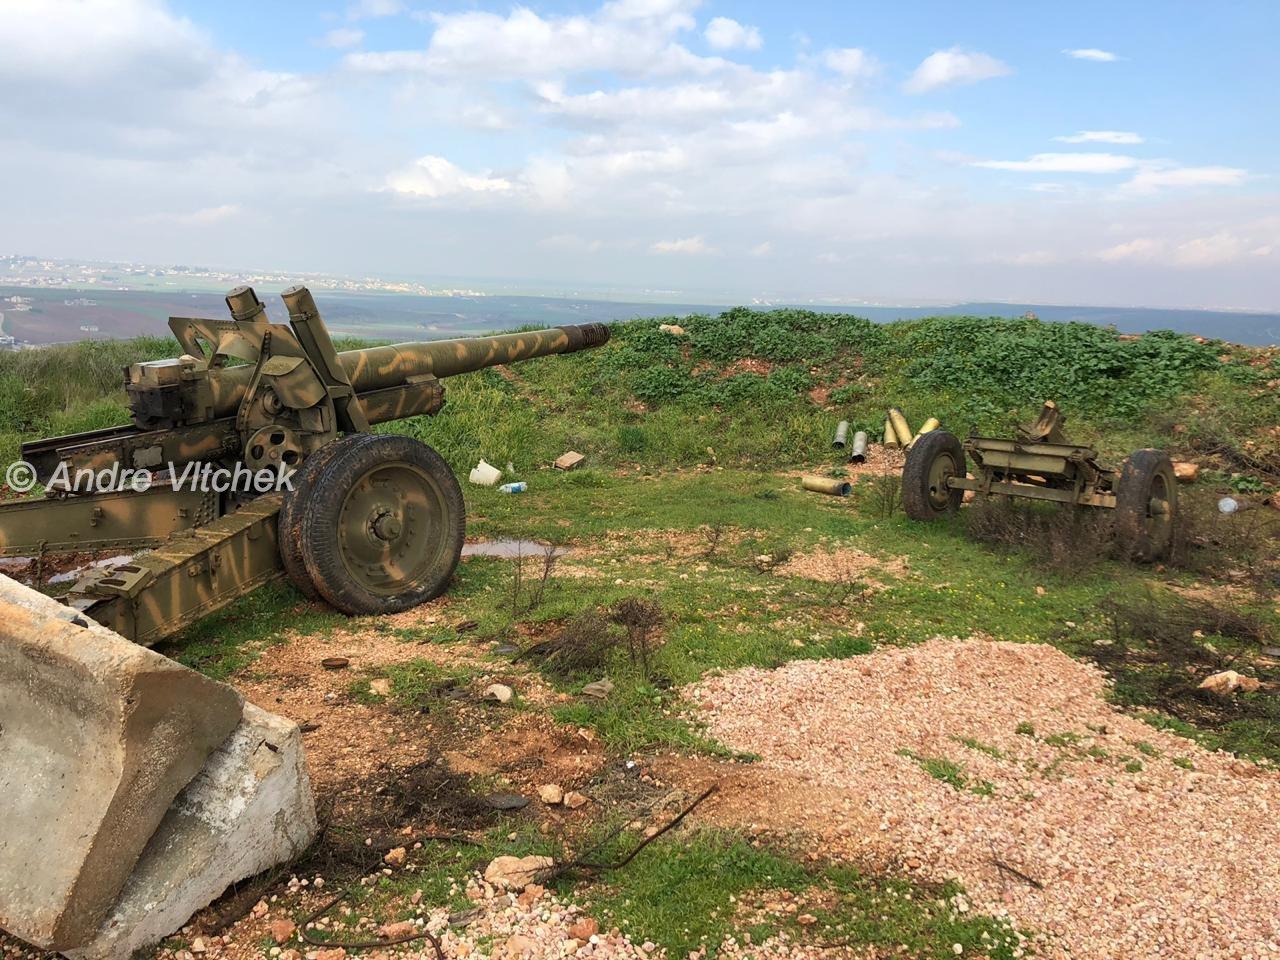 Artileri Suriah&Rusia mengarah ke Front Al Nusra